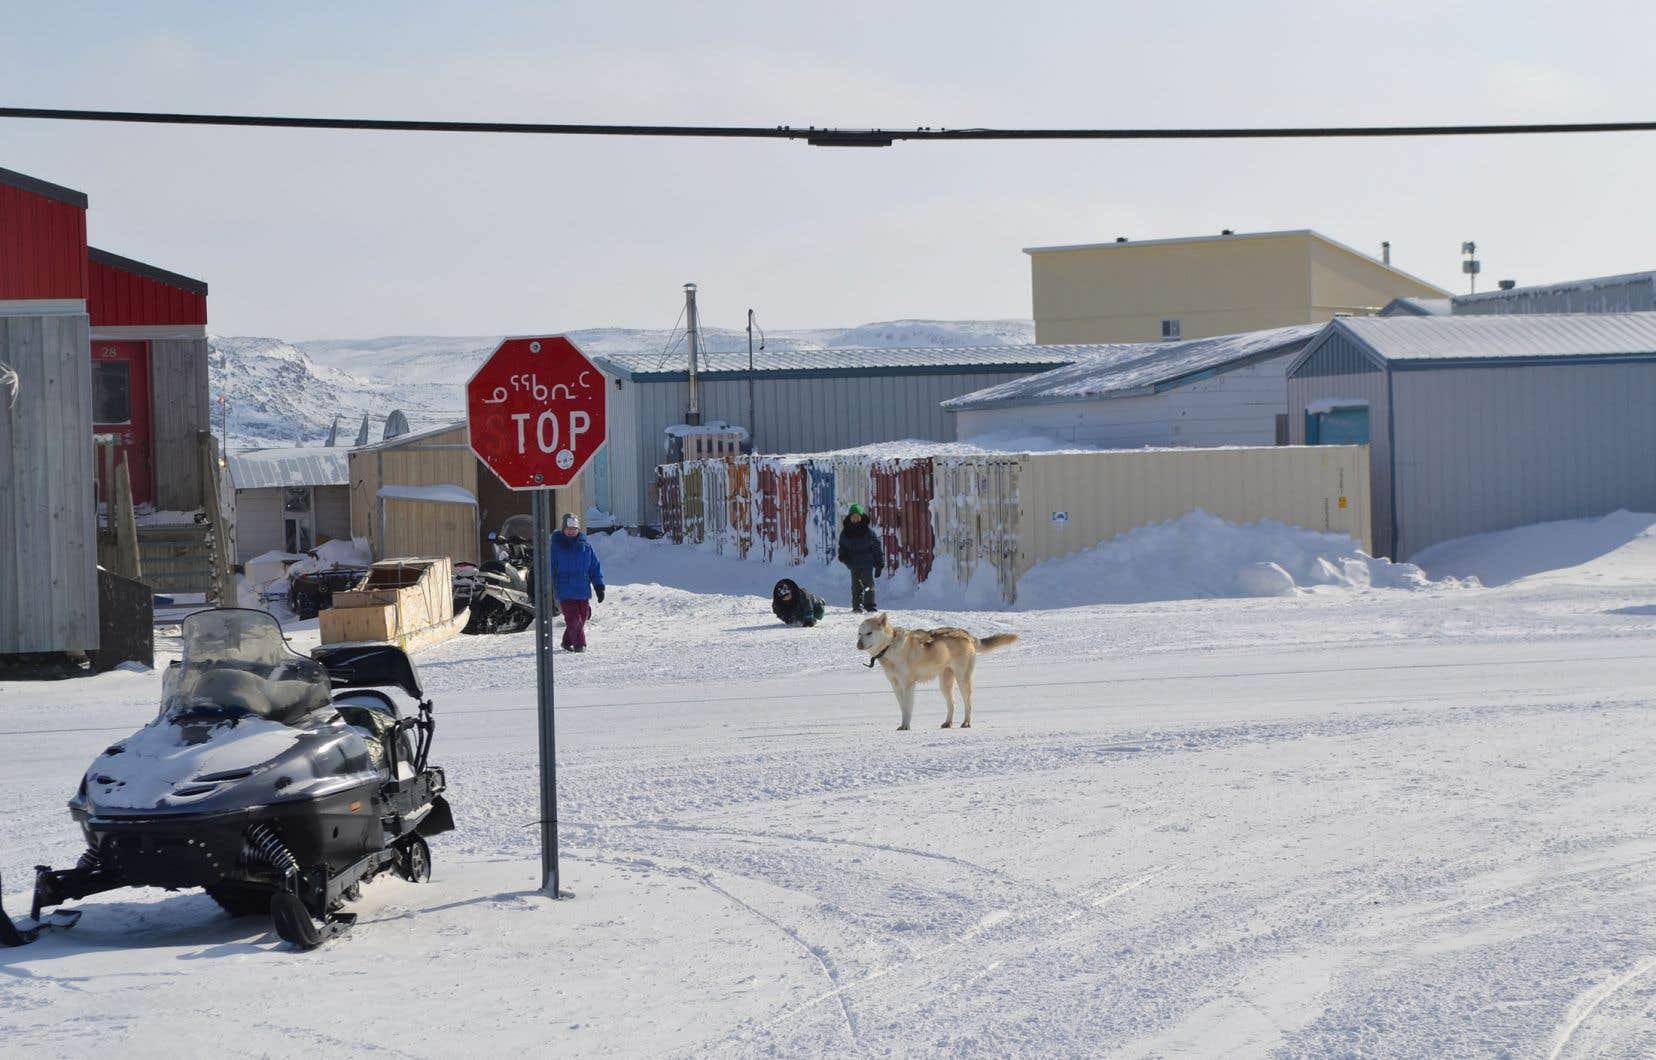 La vaccination de la communauté inuite, jugée à risque en raison de son caractère isolé, progresse dans les 14 villages du Nord-du-Québec.